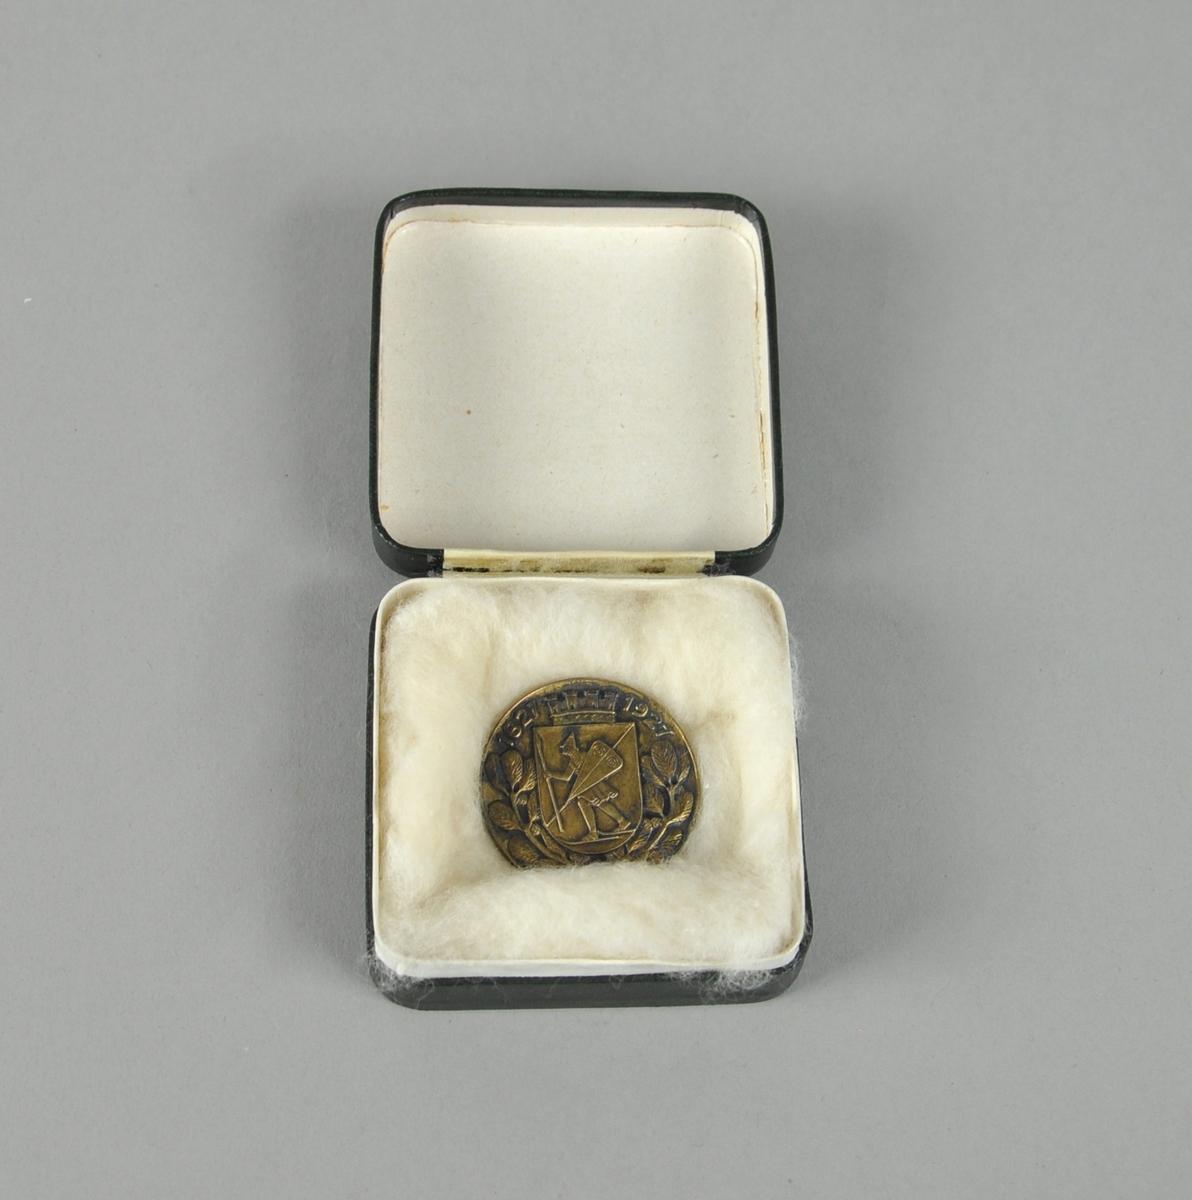 Rund medalje av bronse, med Lillehammer byvåpen i midten med laubærkrans rundt kanten. Tekst på baksiden.